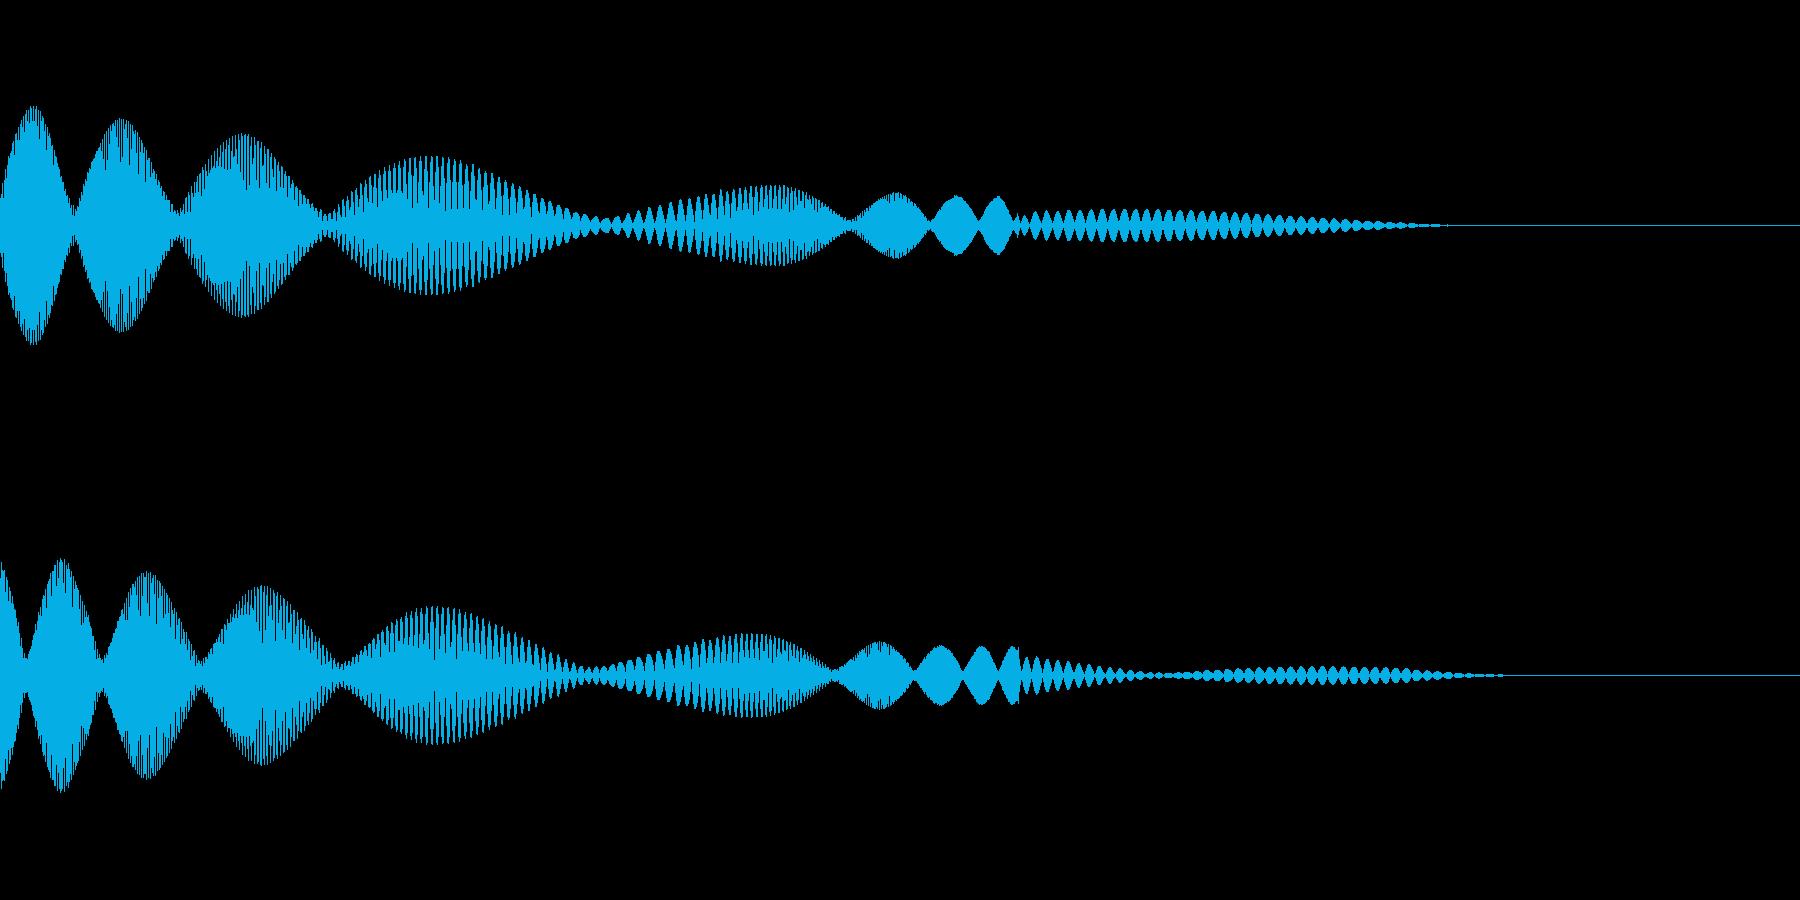 キュピというかわいいタッチ音です。の再生済みの波形